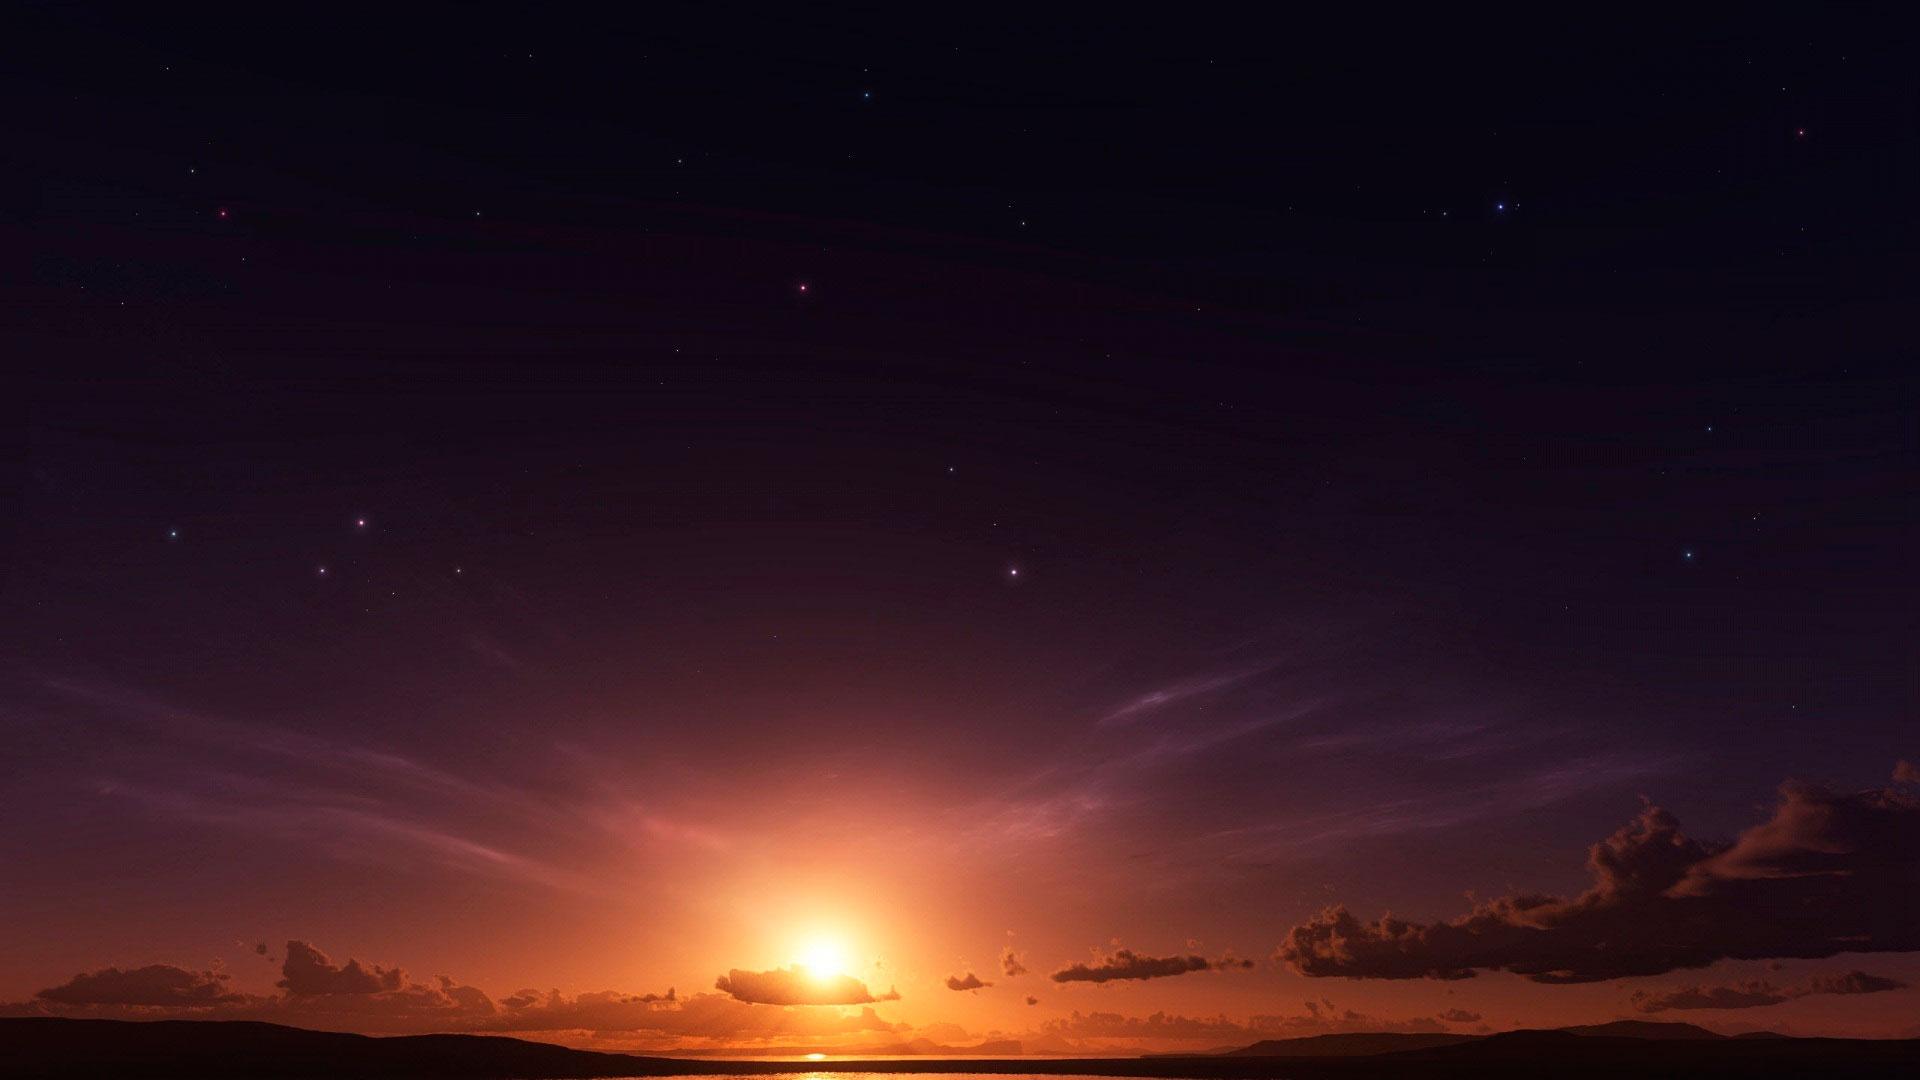 Закате звездное небо при закате на